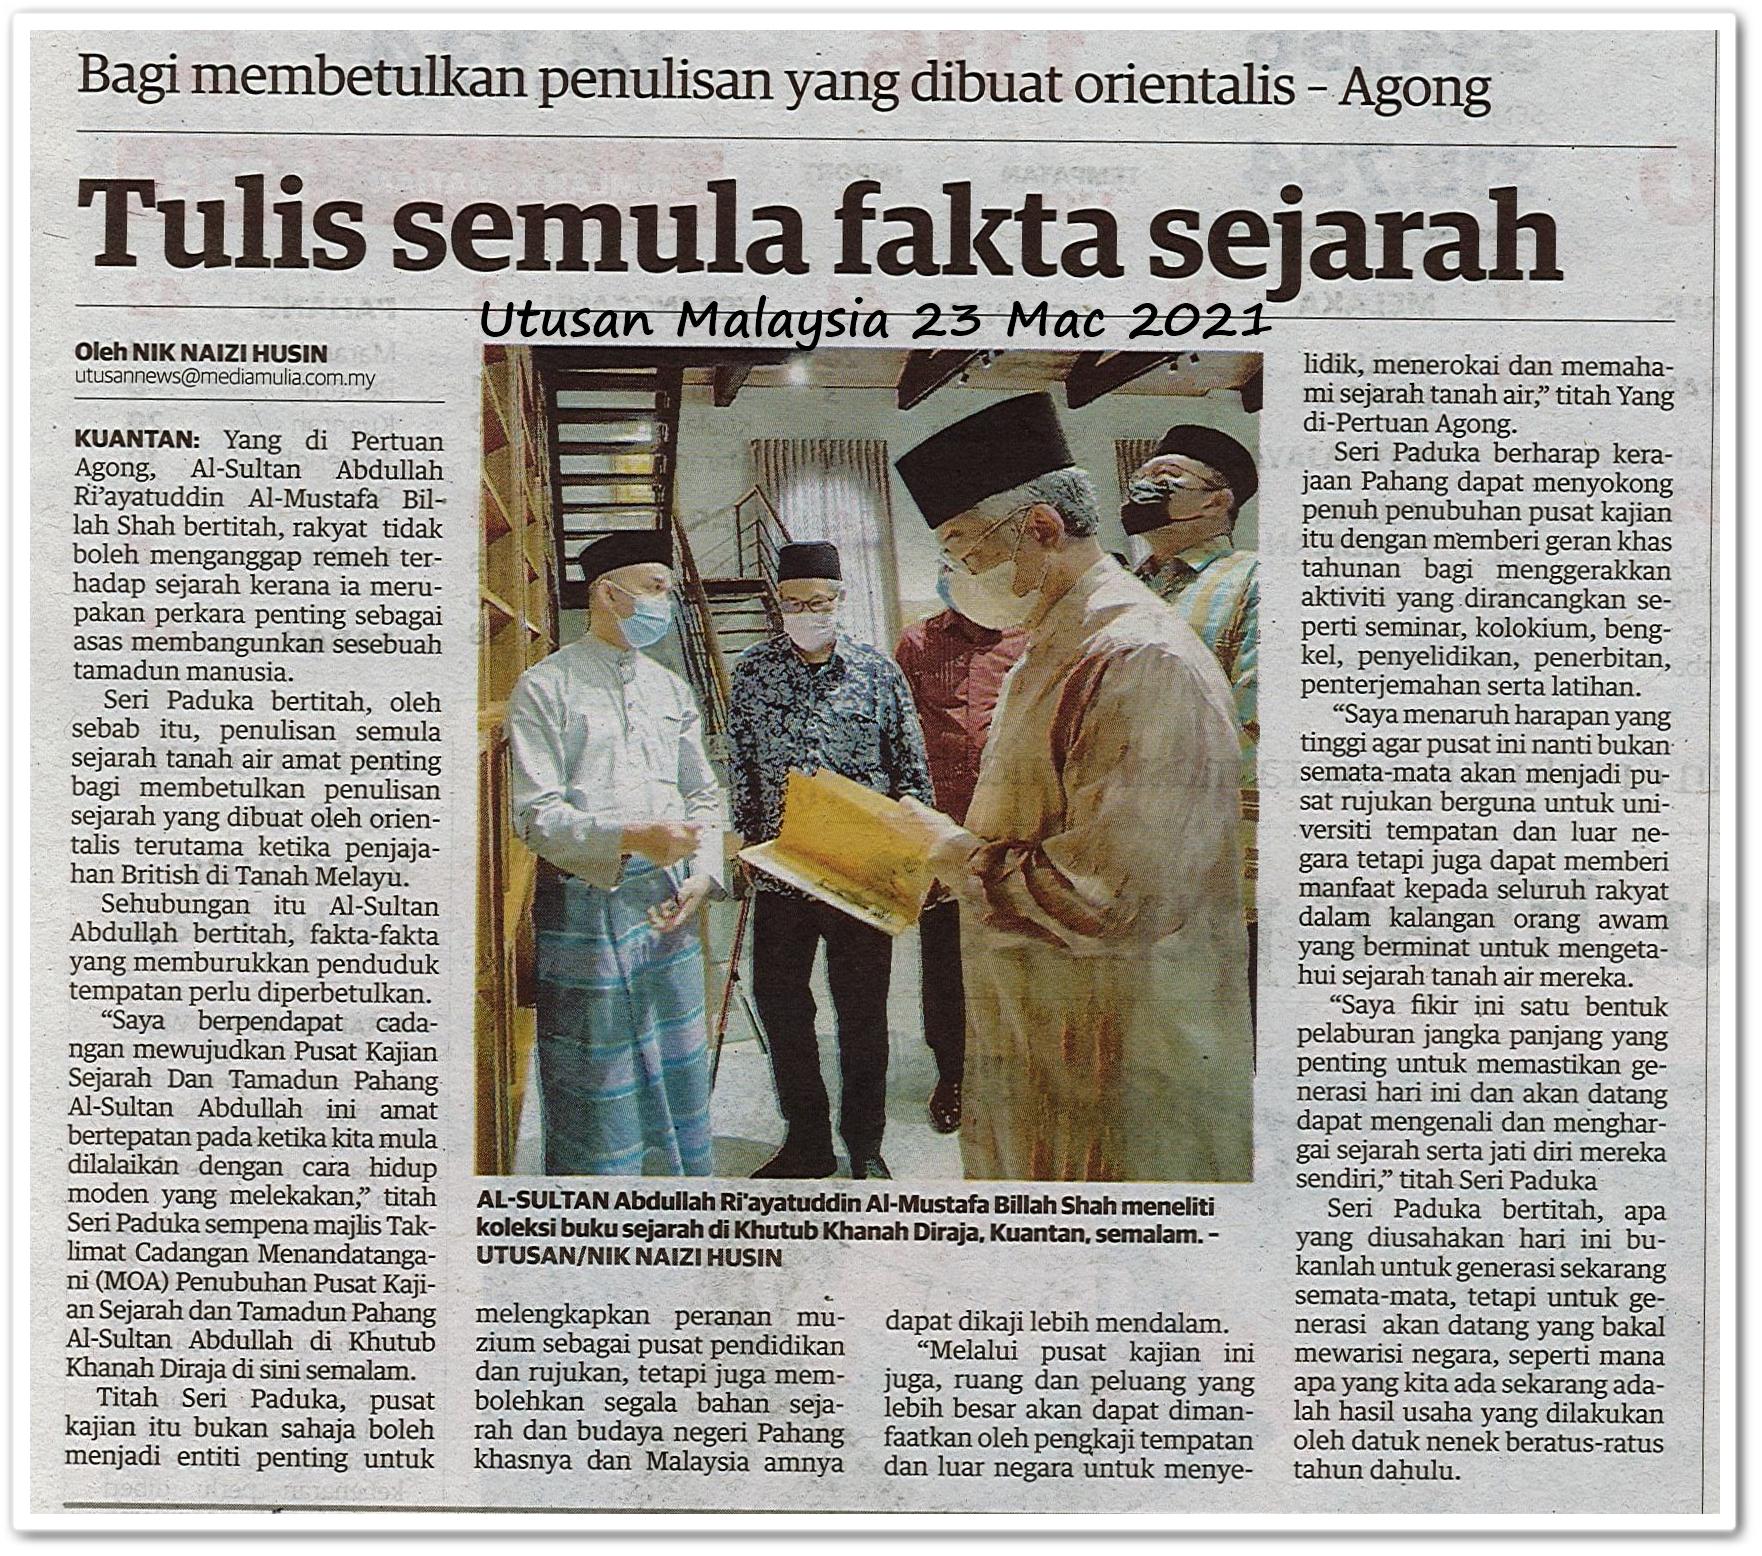 Tulis semula fakta sejarah - Keratan akhbar Utusan Malaysia 23 Mac 2021